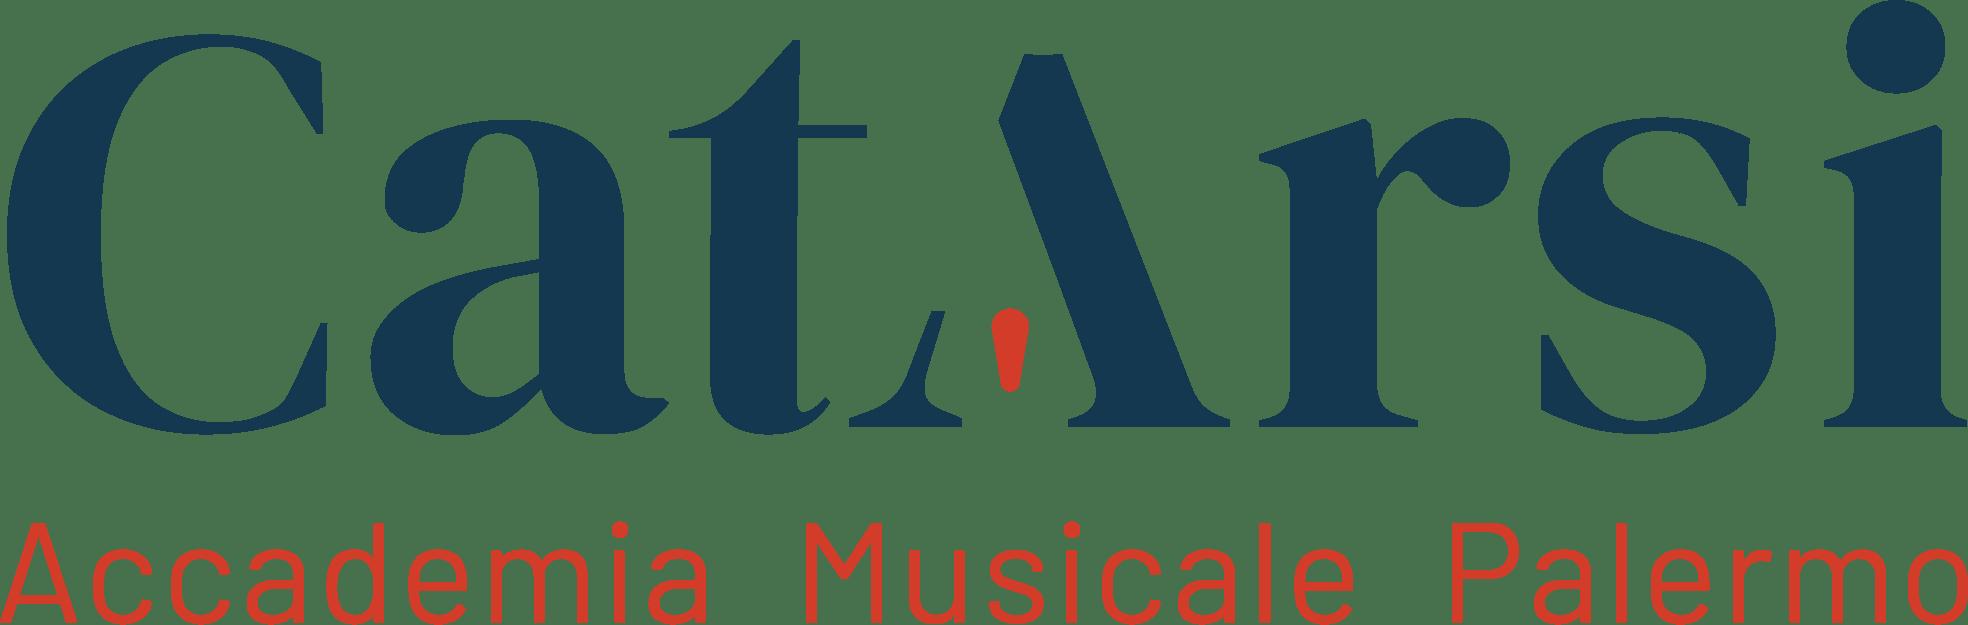 Accademia Musicale Catarsi